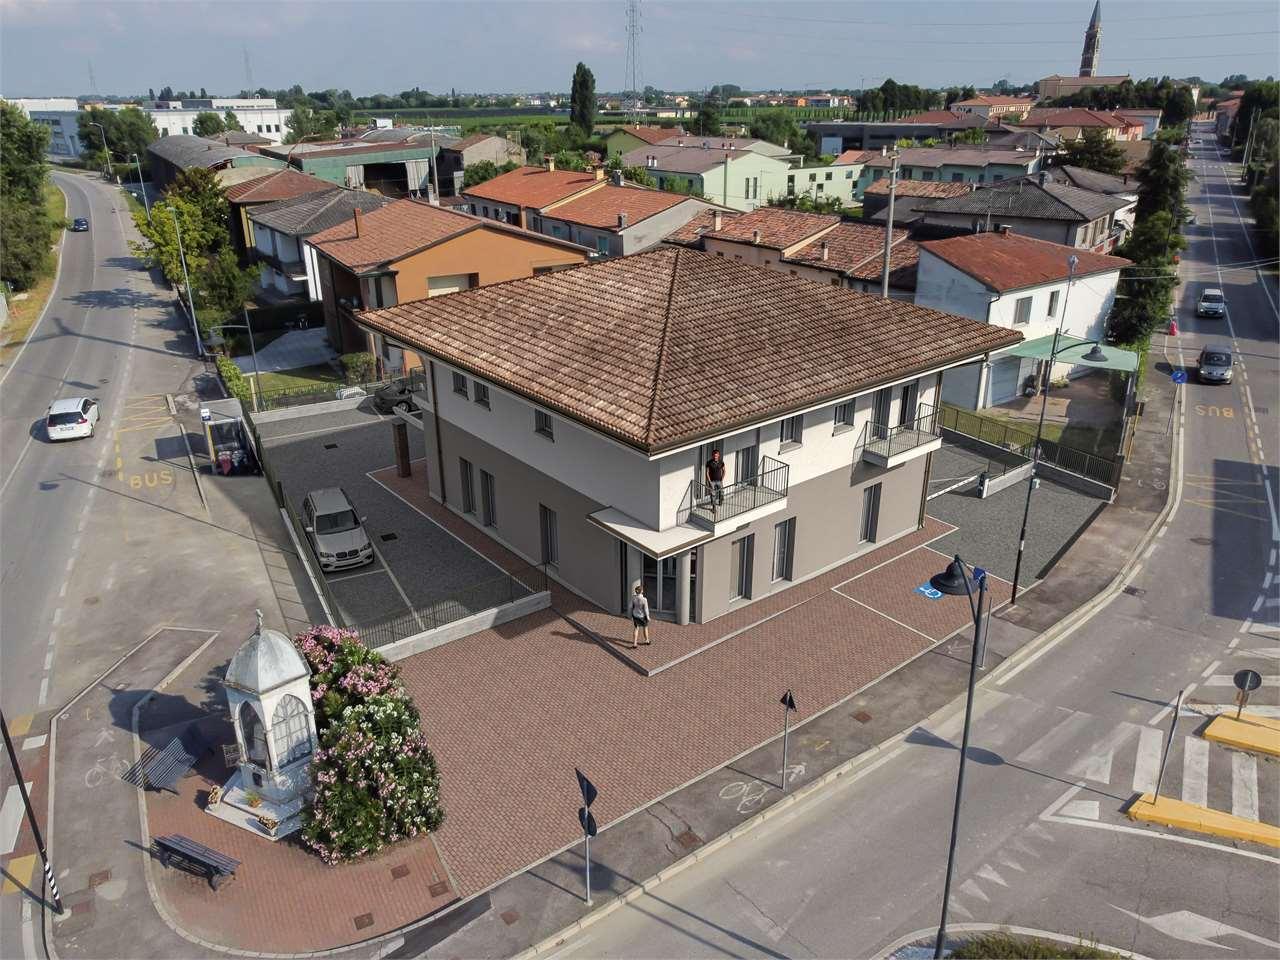 Appartamento in vendita a Arcole, 3 locali, zona Zona: Gazzolo, prezzo € 135.000 | CambioCasa.it